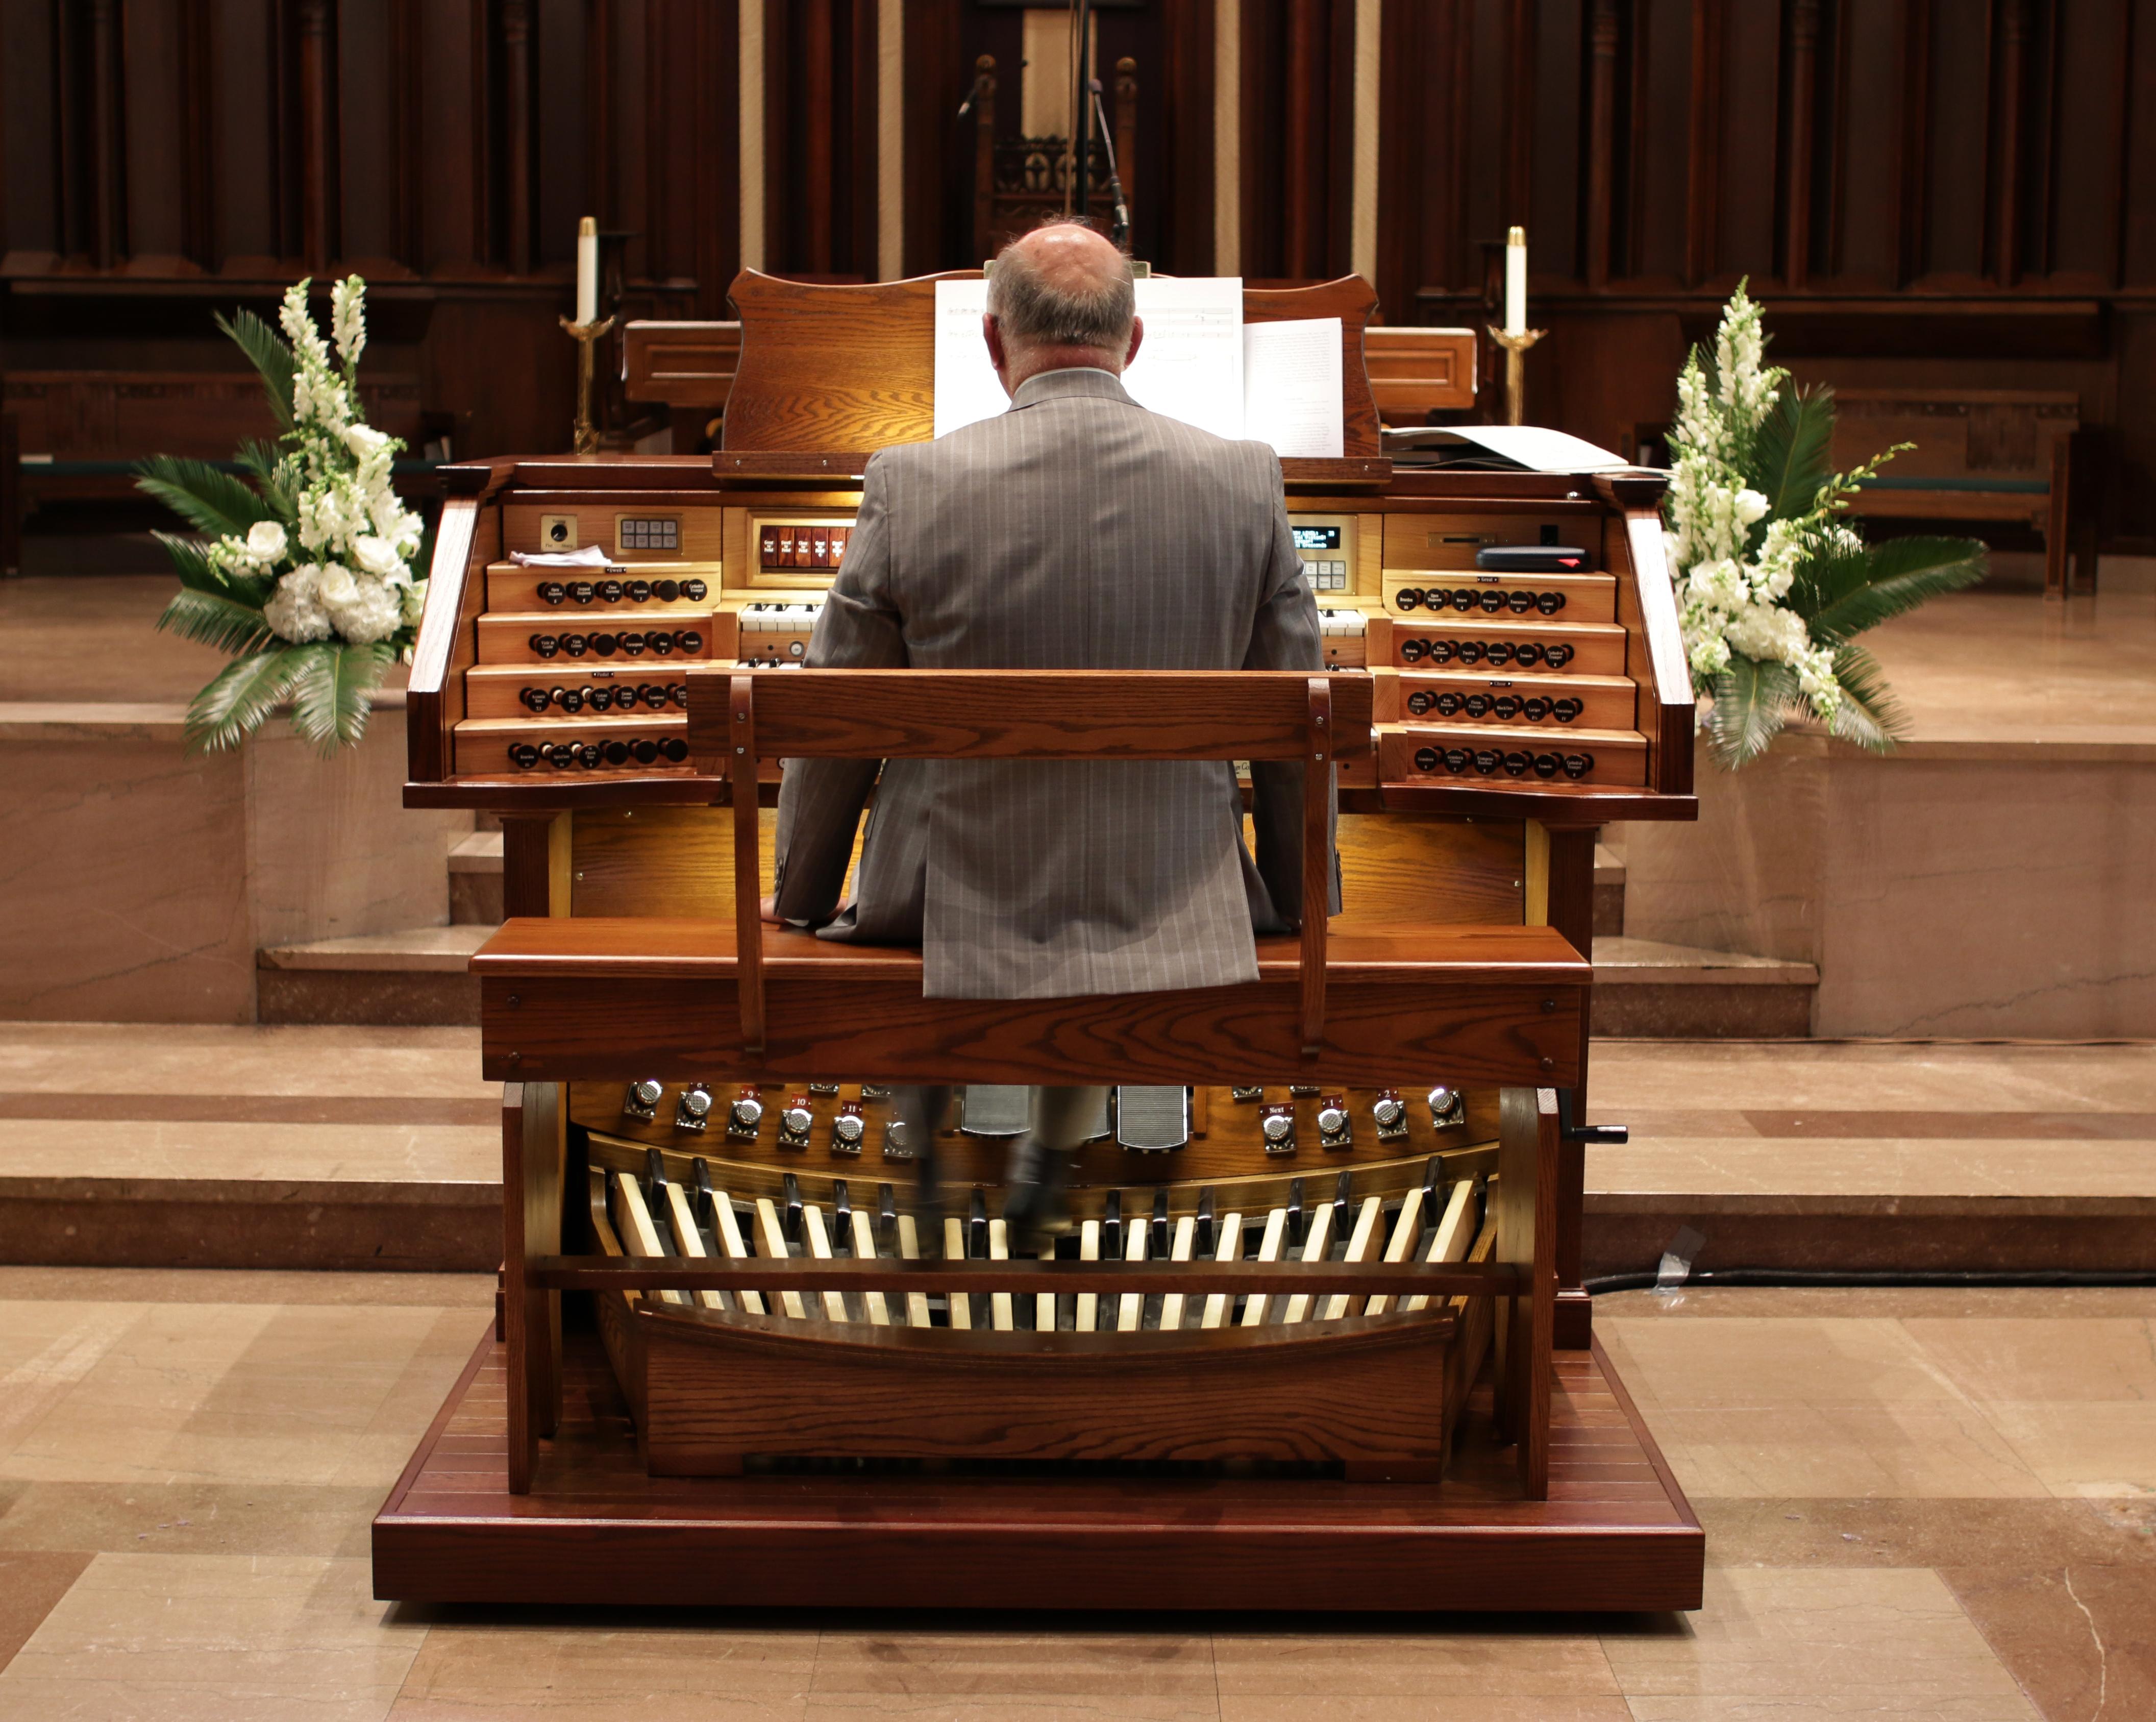 Guest Organist David Carrier